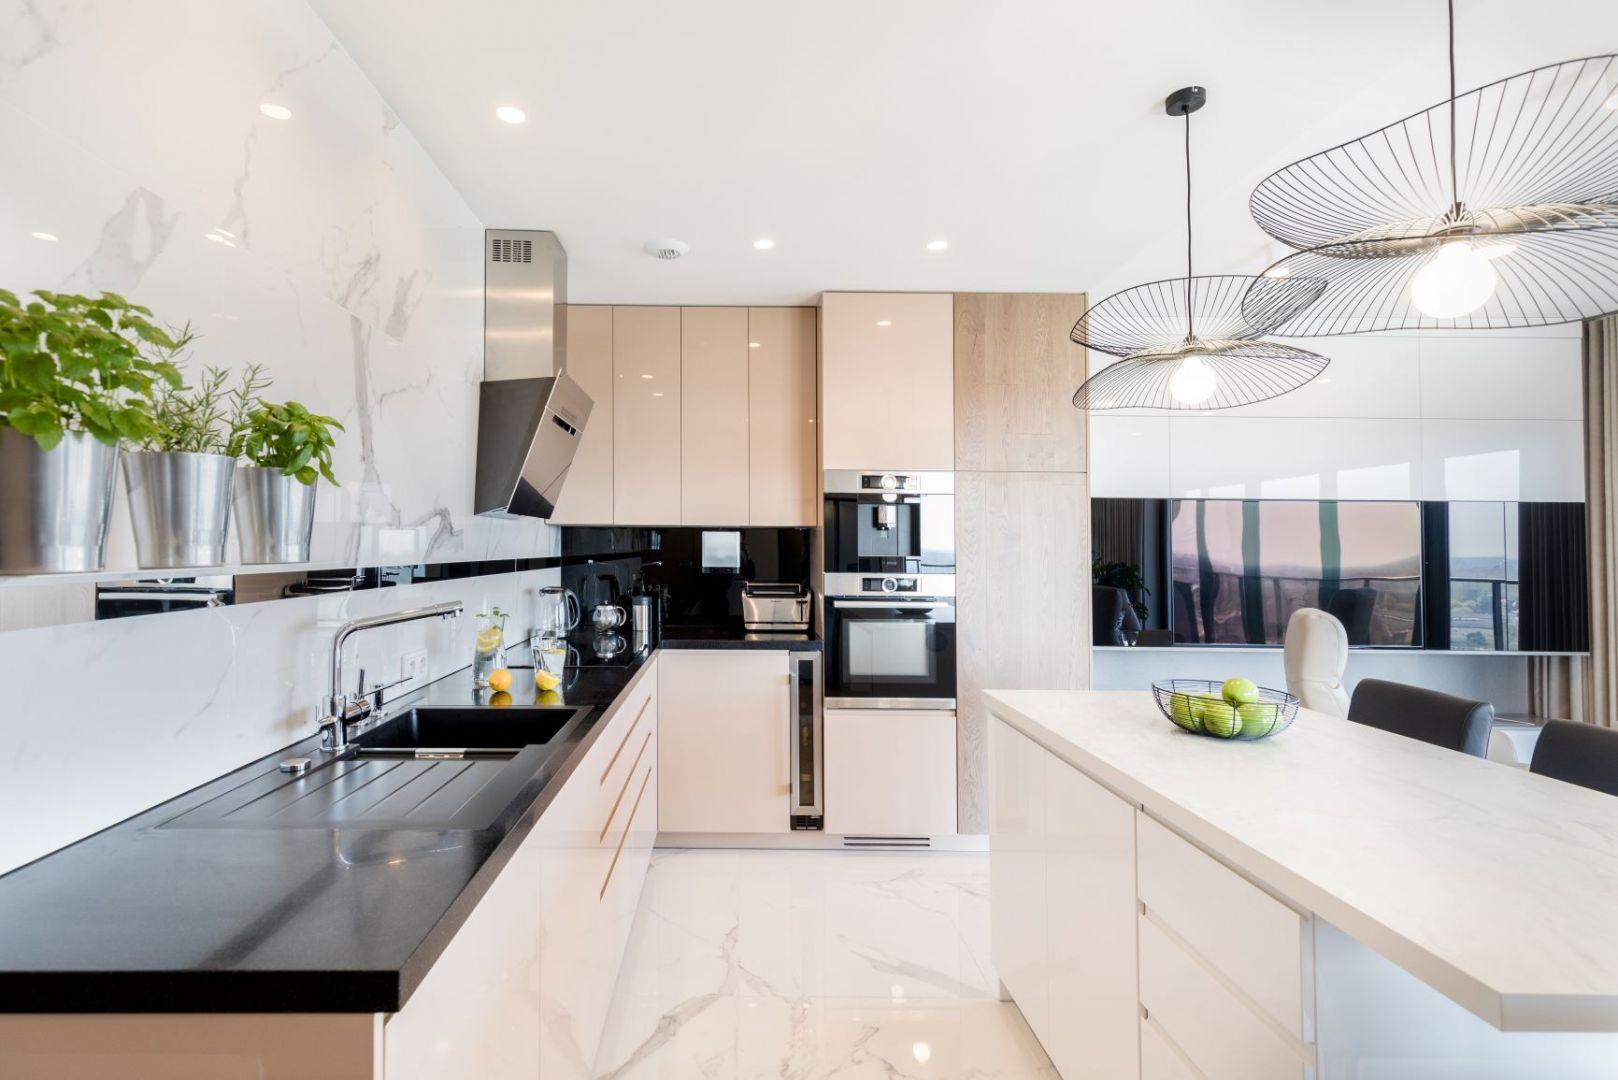 Właścicielom zależało, by wnętrza ich przyszłego apartamentu były ponadczasowe, minimalistyczne, choć nie chłodne. Realizacja wnętrza: Monika Staniec. Zdjęcia: Łukasz Bera